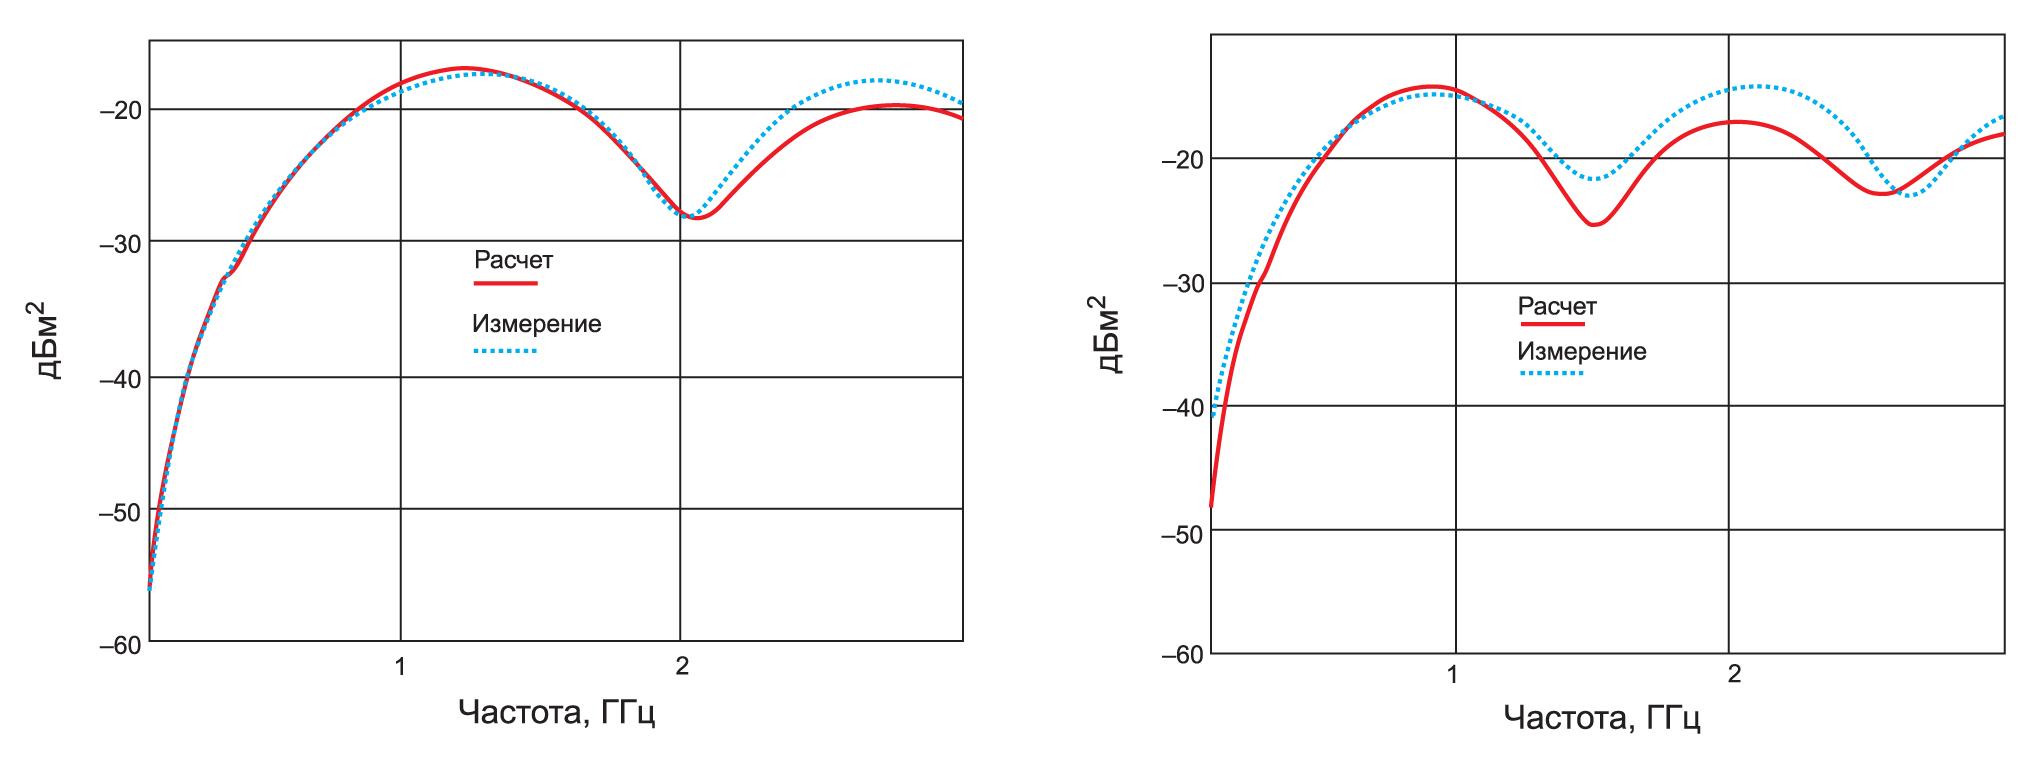 Сравнительные результаты измерений и расчетов ЭПР